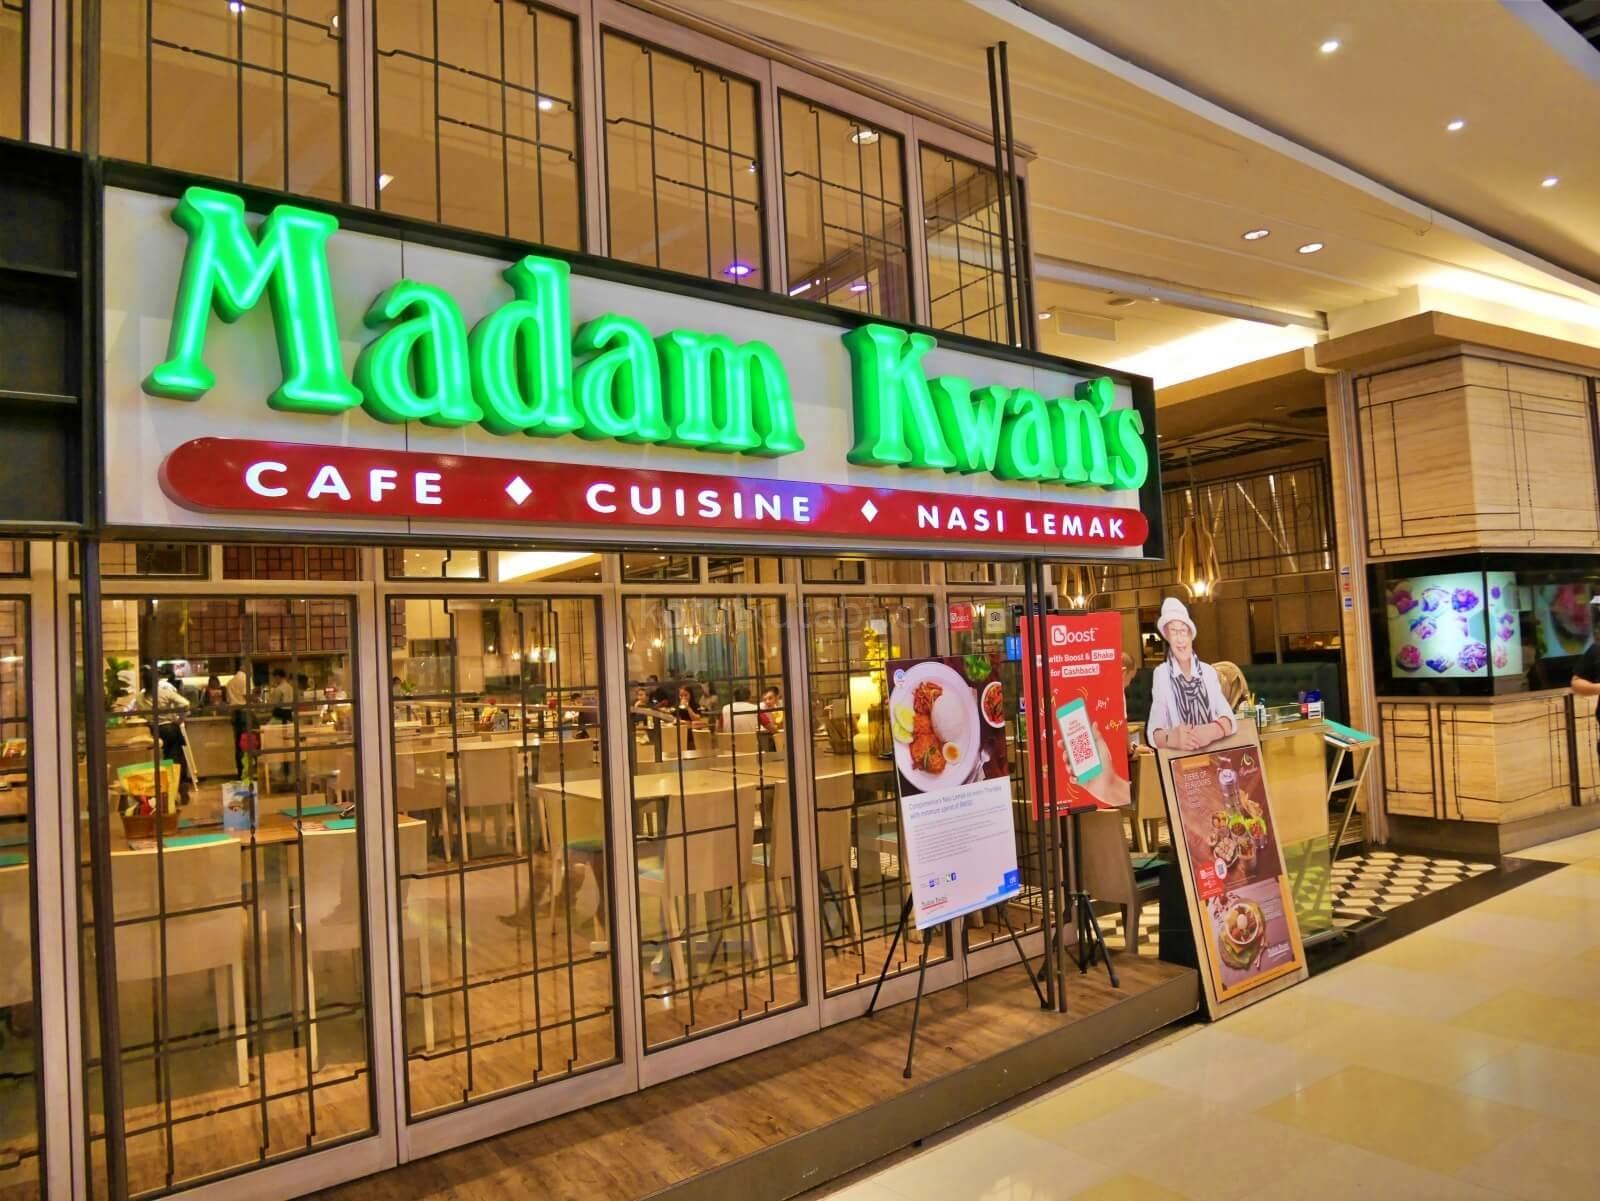 パビリオン内のMadamKwan's